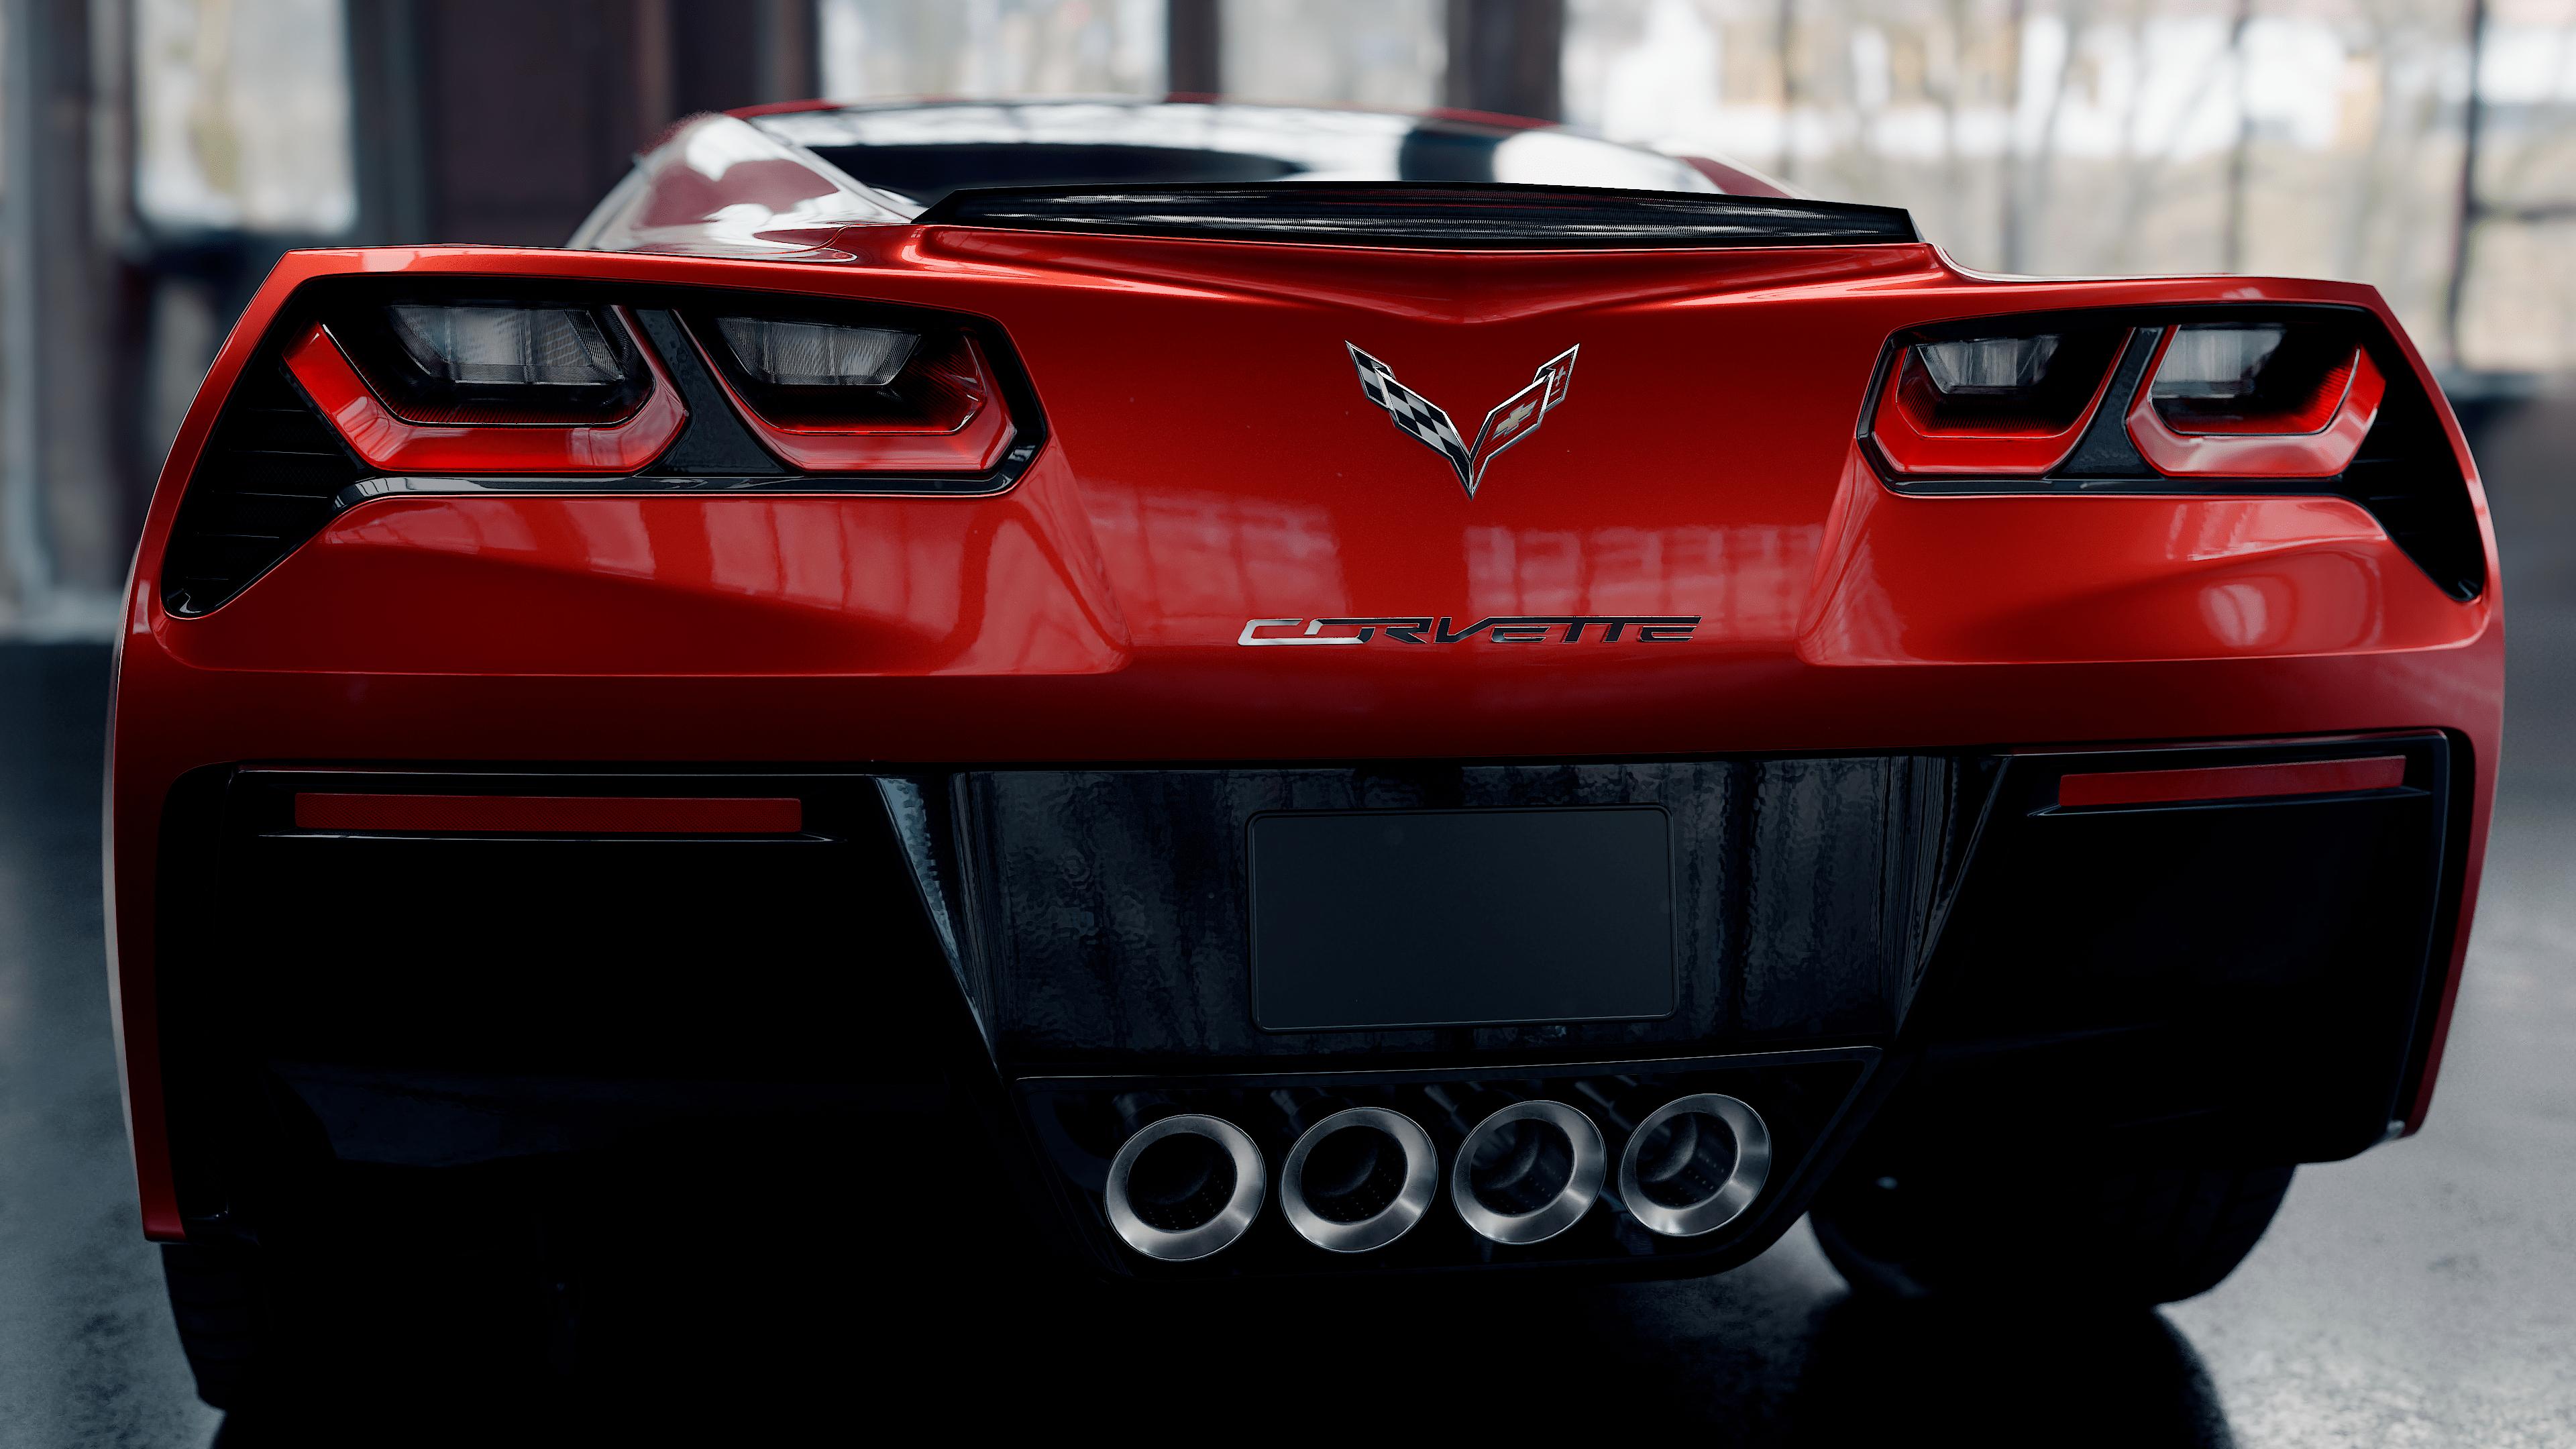 Chevrolet corvette in Blender cycles render image